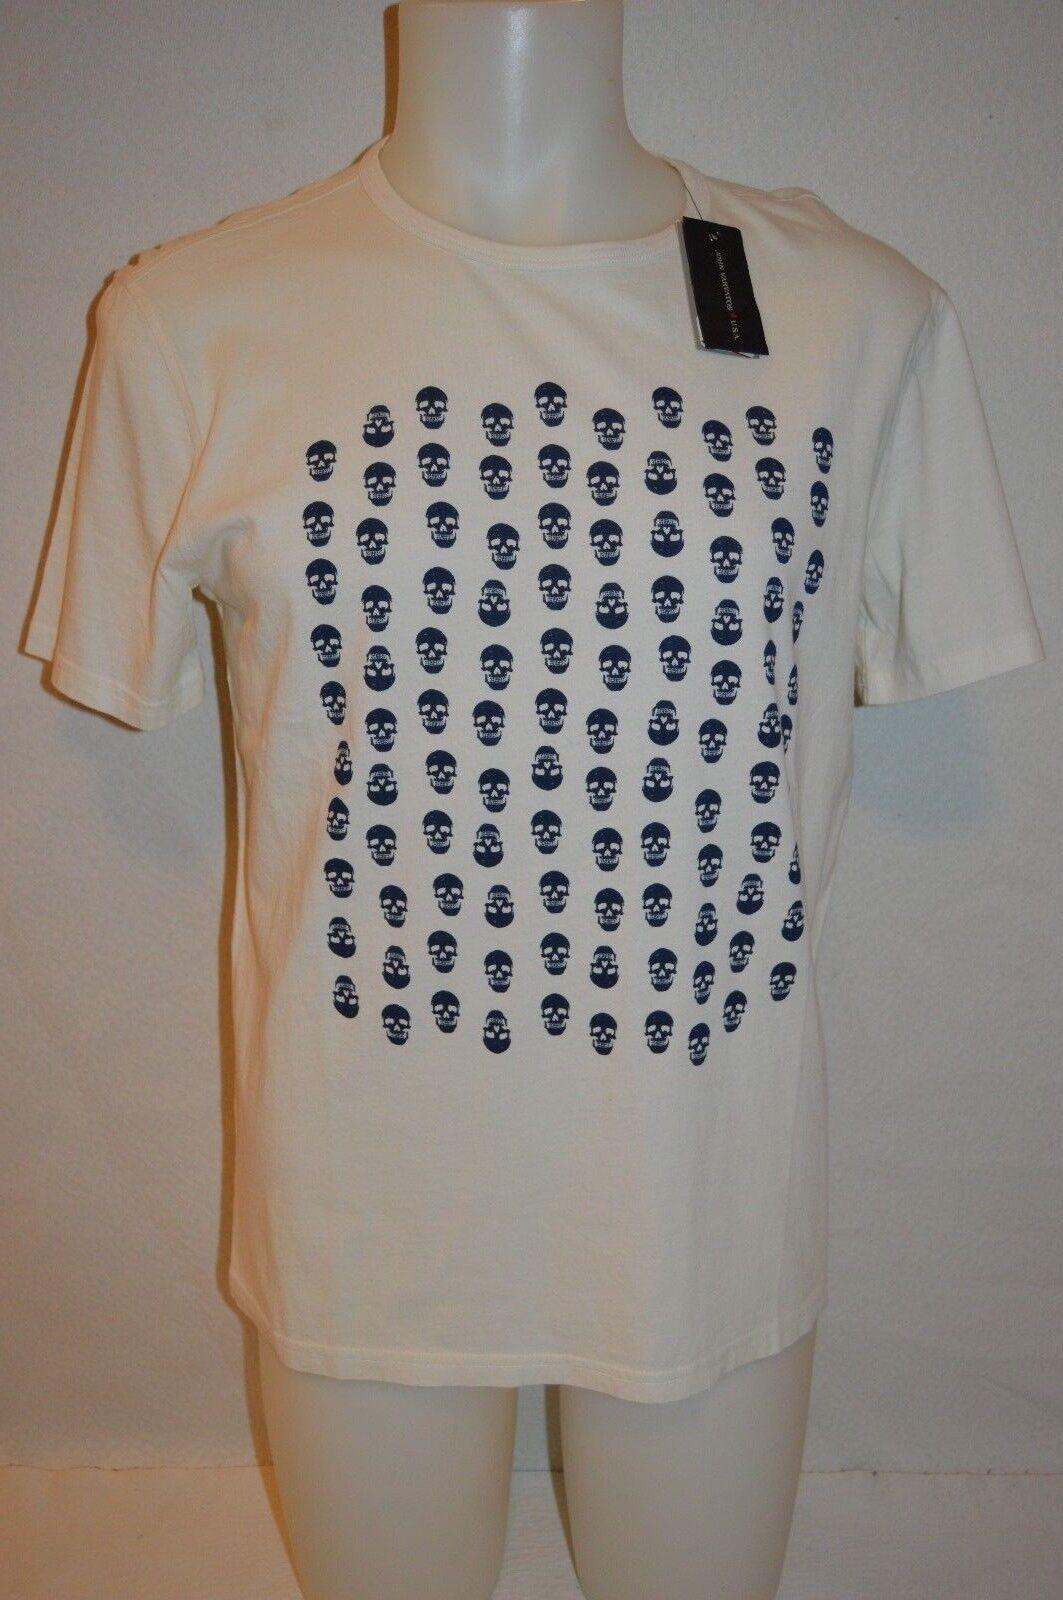 JOHN VARVATOS  Star USA Man's SKULLS T-shirt NEW Size Large